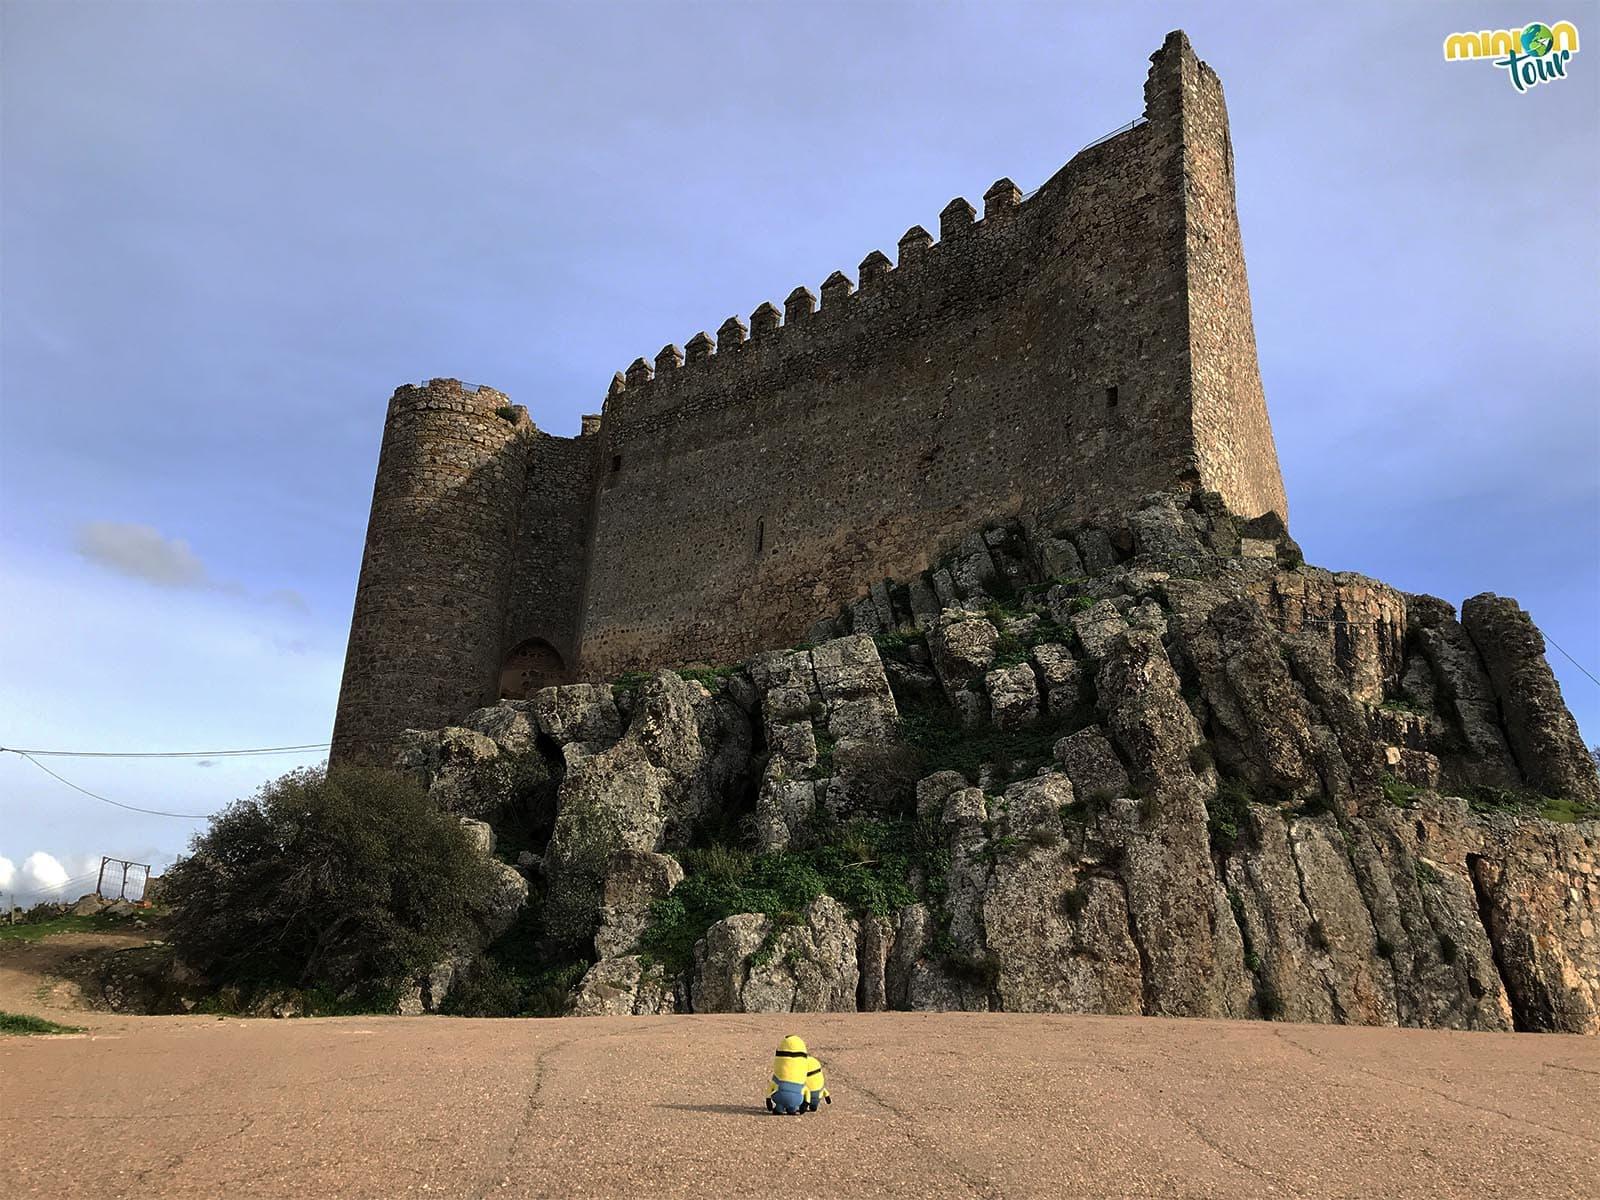 El impresionante castillo de Puebla de Alcocer